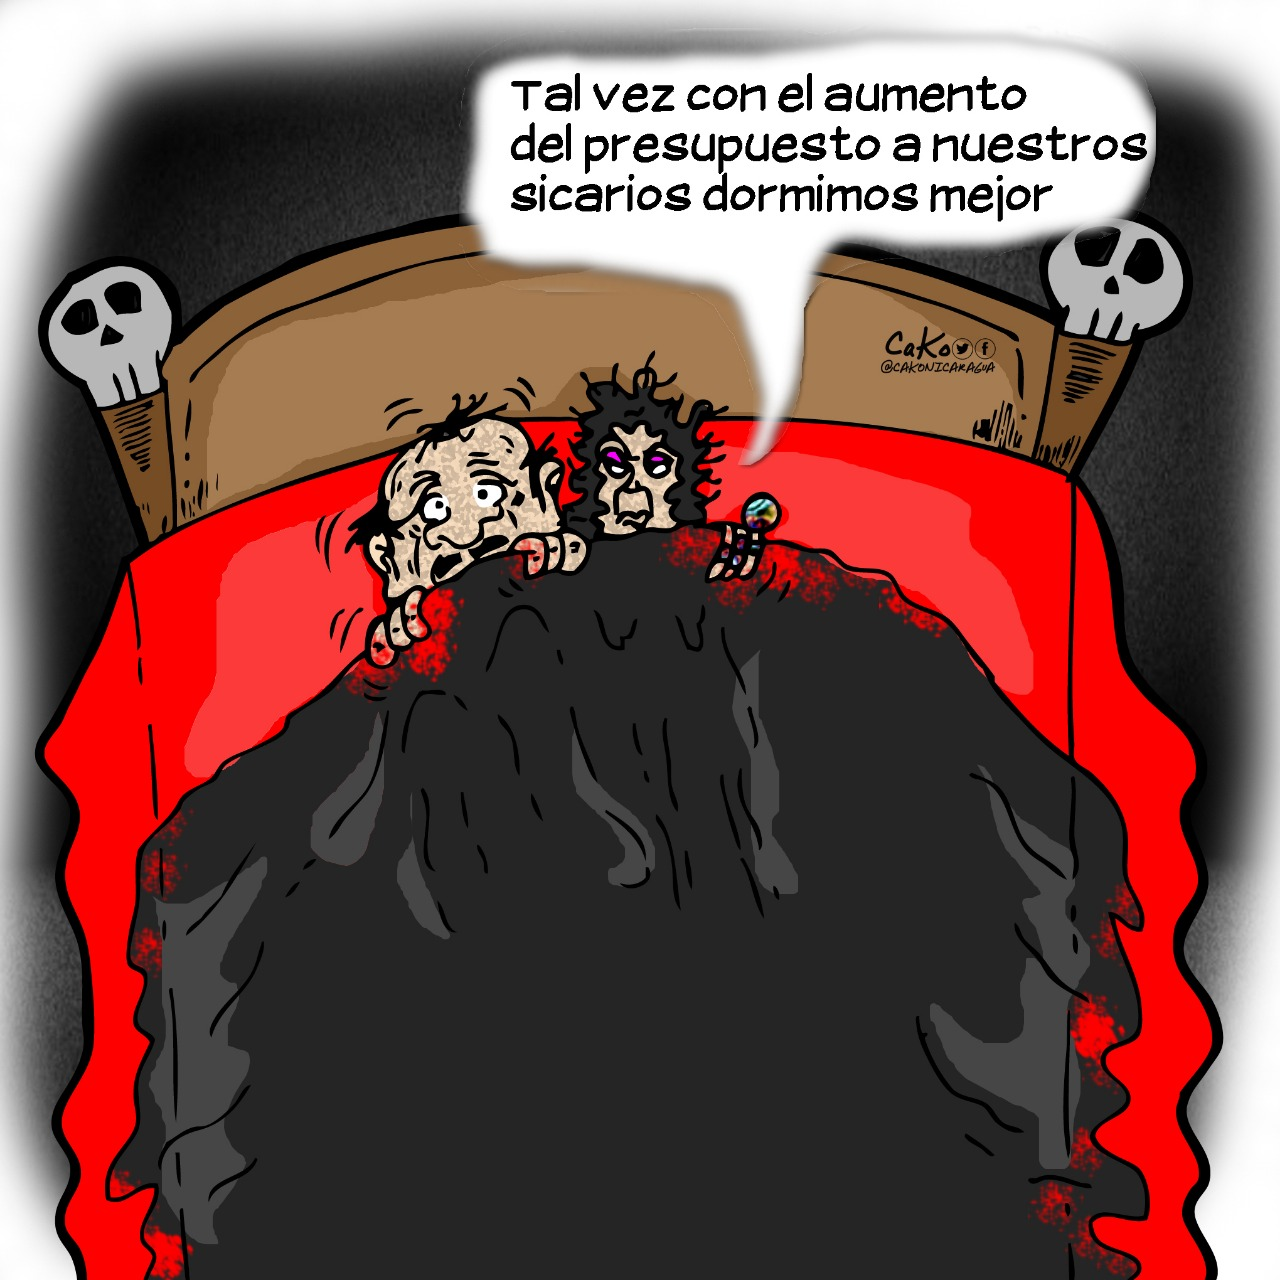 La Caricatura: El miedo no deja dormir a los dictadores